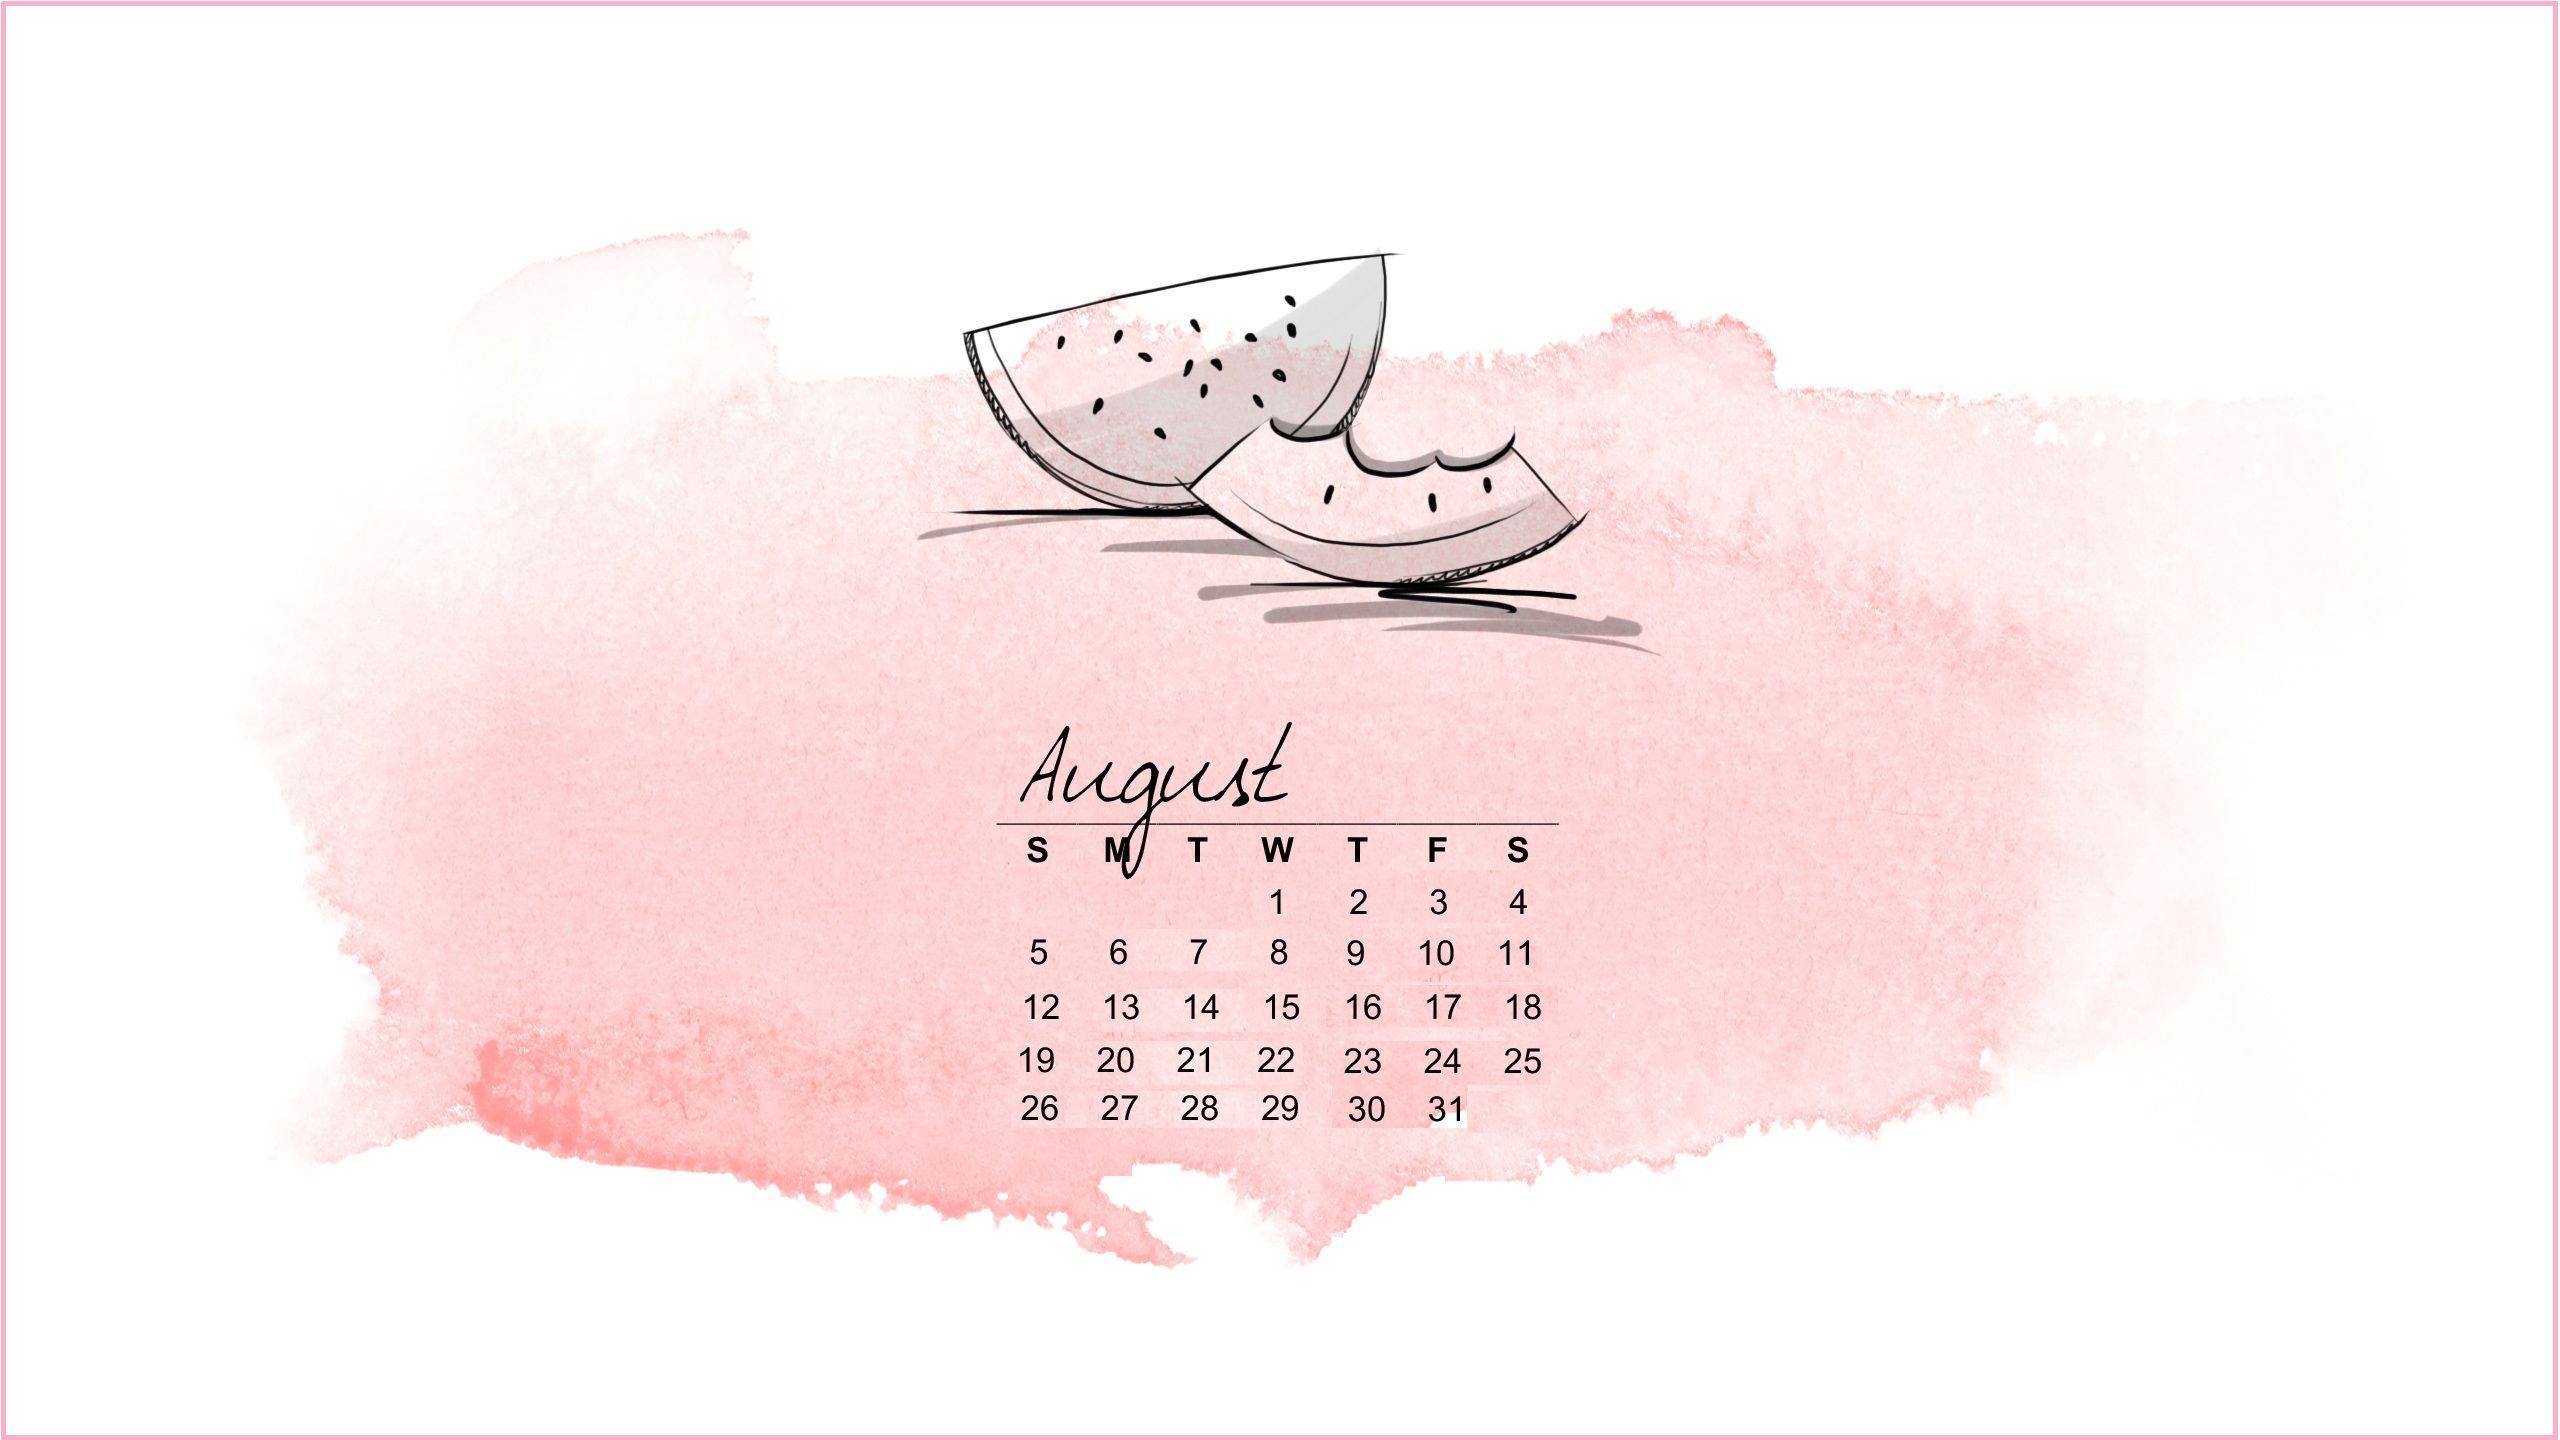 Free August 2018 Calendar Wallpapers Calendar Wallpaper Desktop Calendar Ipad Wallpaper